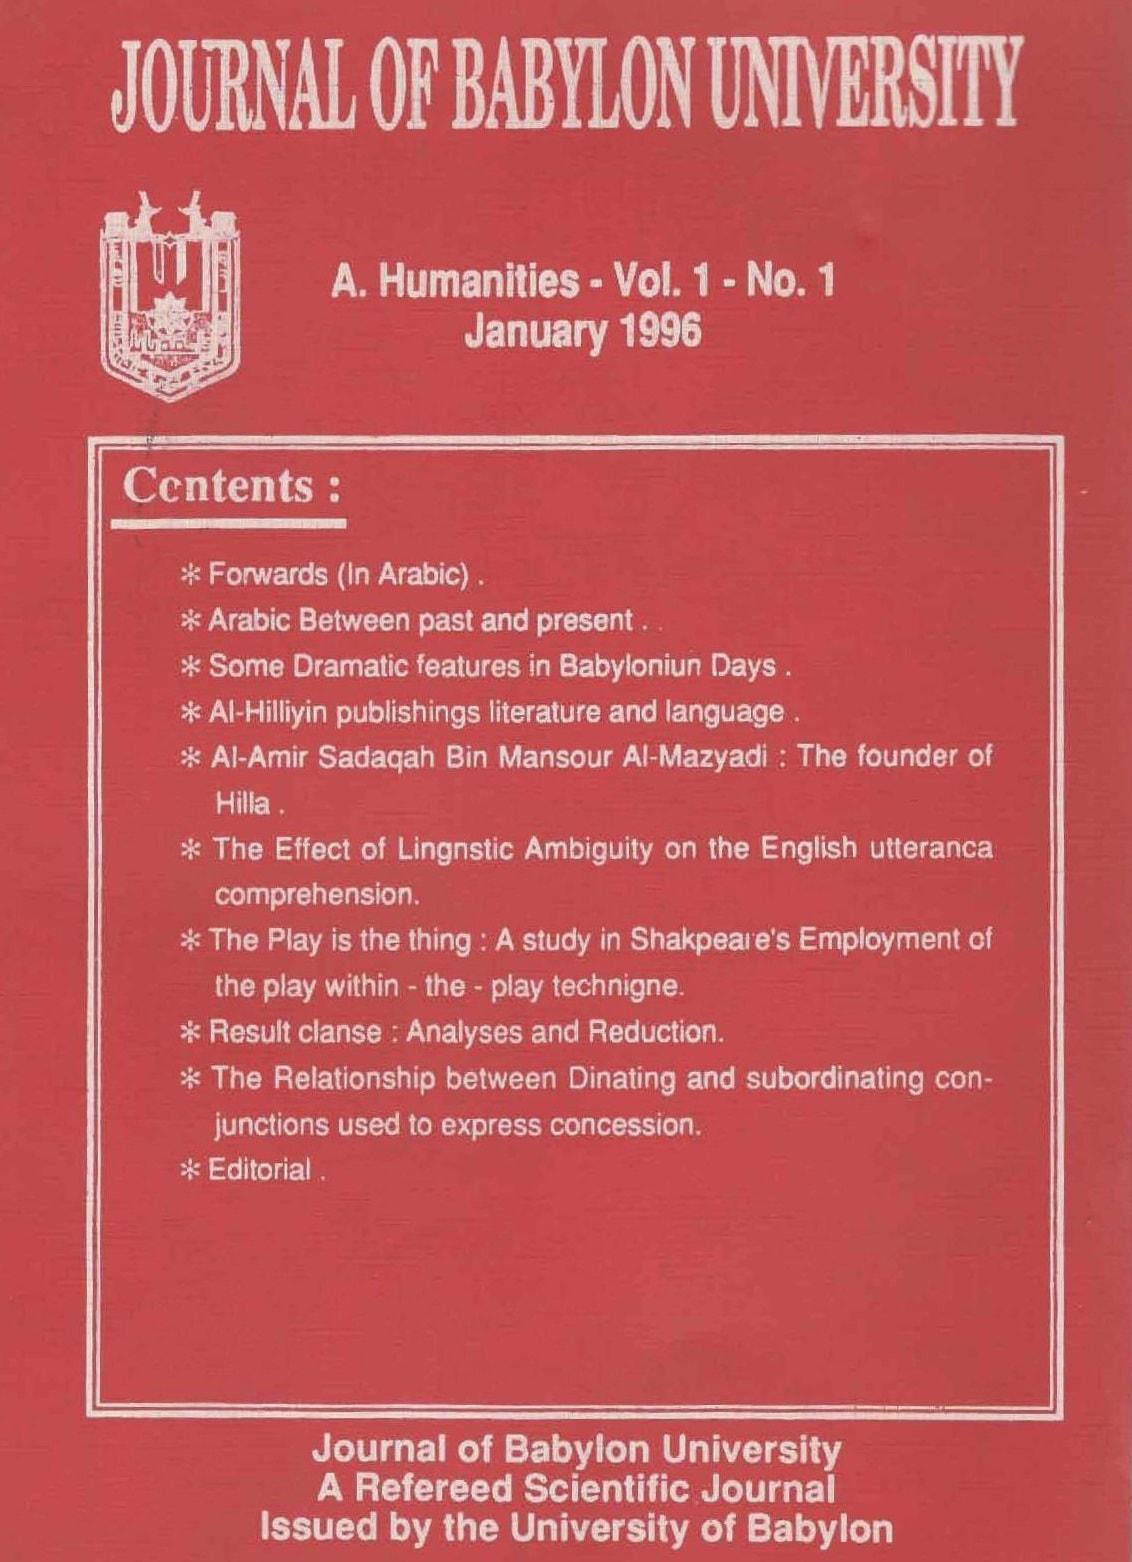 JUBH Vol 1 No 1 (1996)